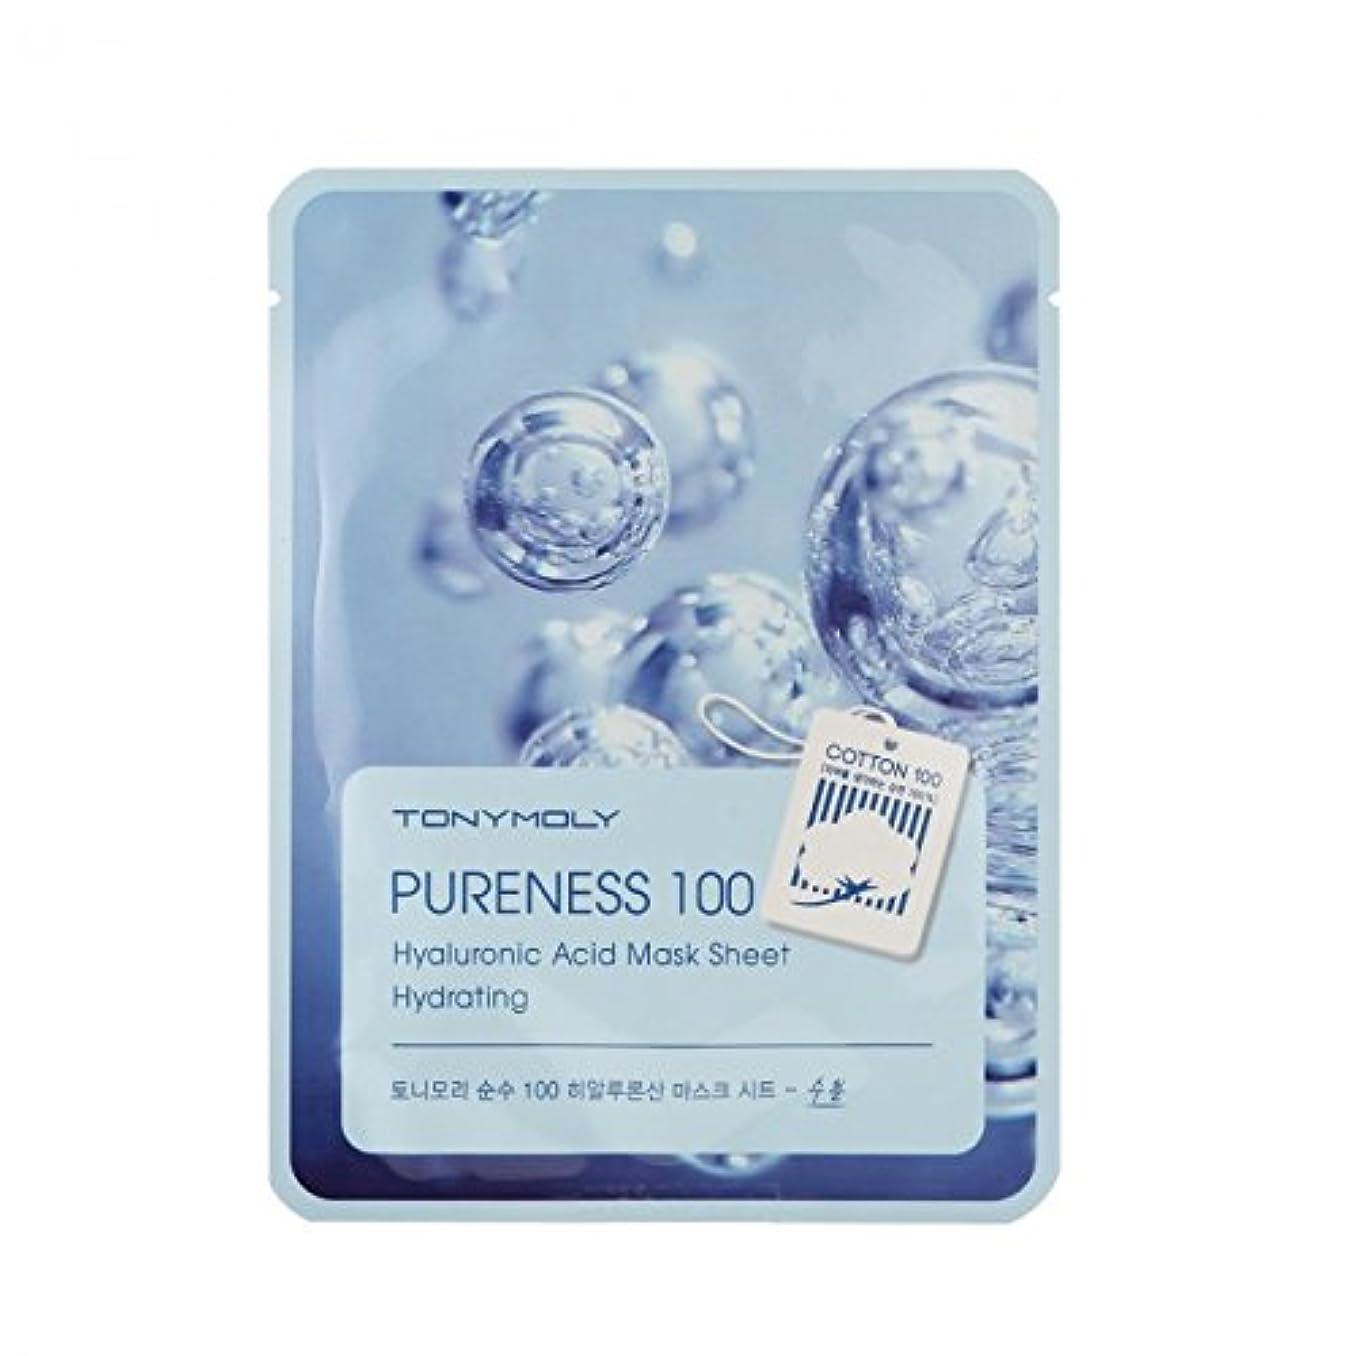 改修する一口スーパー(3 Pack) TONYMOLY Pureness 100 Hyaluronic Acid Mask Sheet Hydrating (並行輸入品)